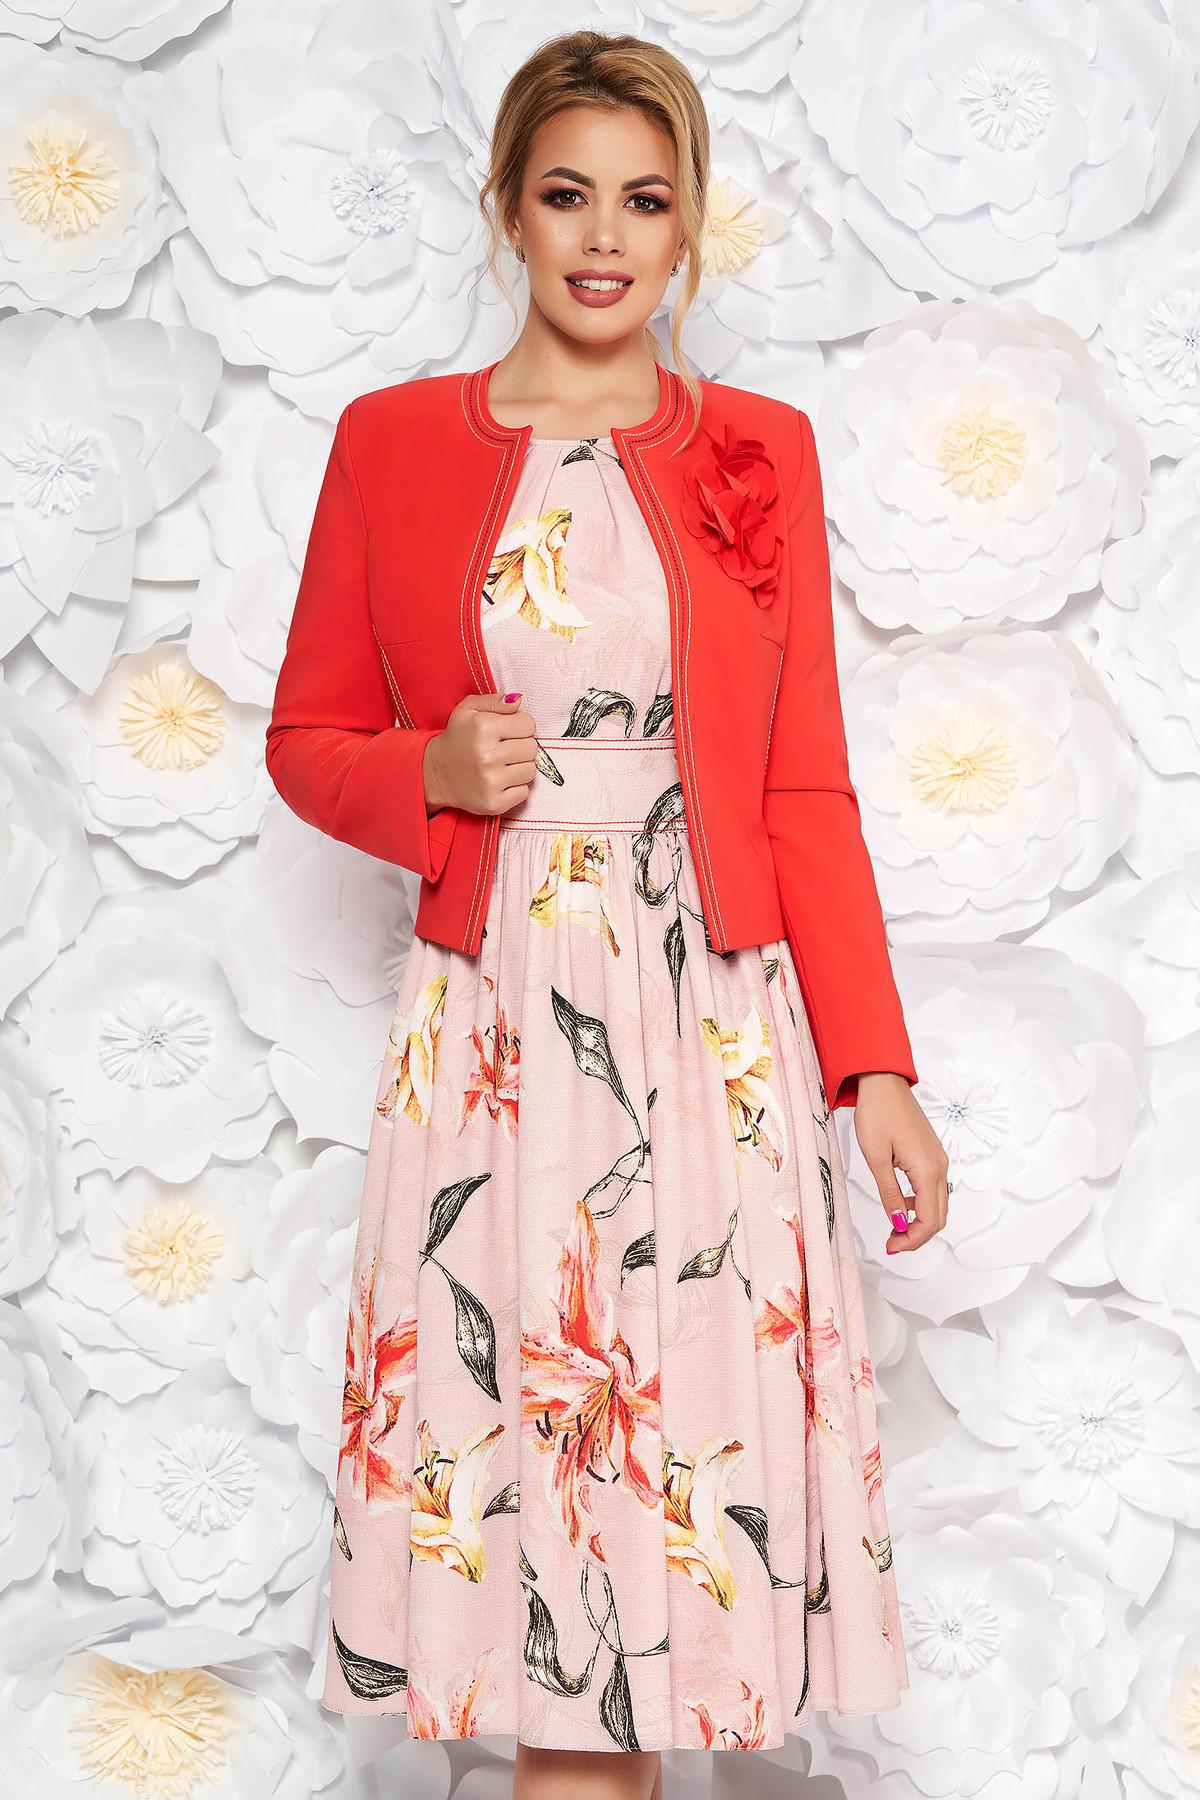 Compleu LaDonna corai elegant din 2 piese cu rochie cu imprimeu floral